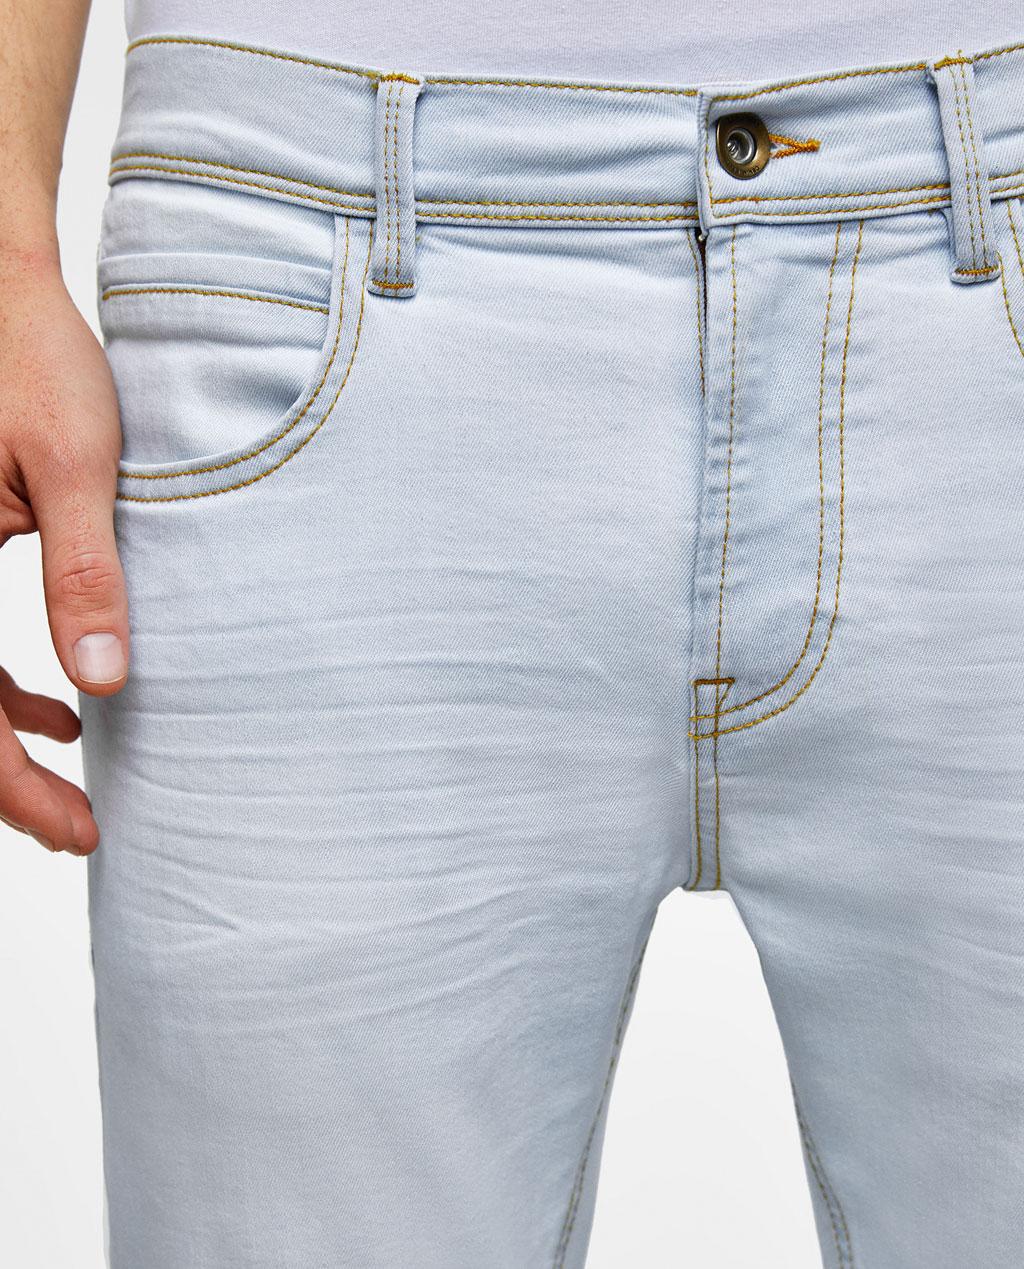 Thời trang nam Zara  23982 - ảnh 6